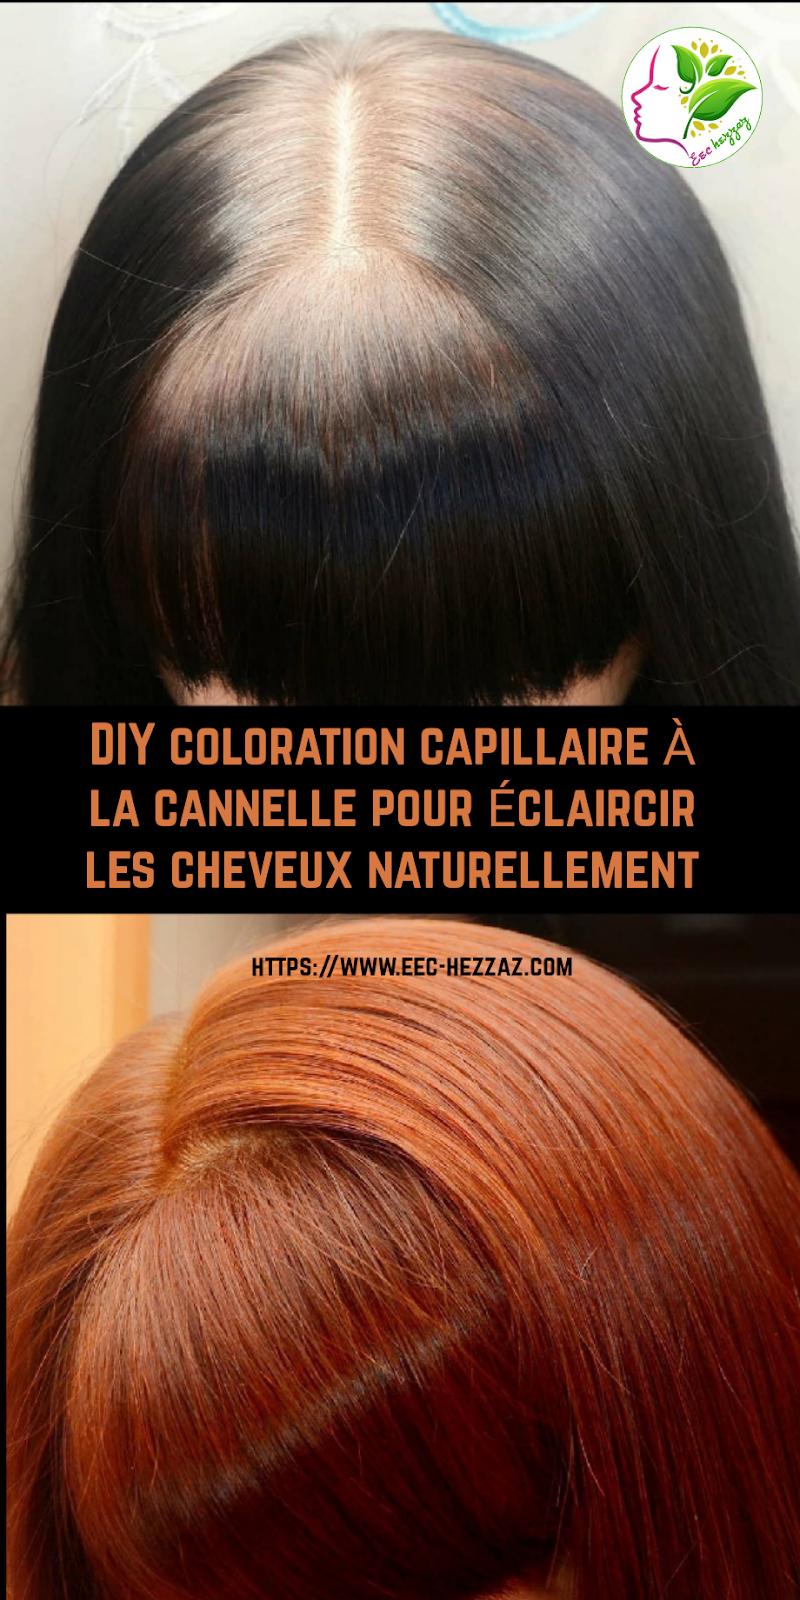 DIY coloration capillaire à la cannelle pour éclaircir les cheveux naturellement